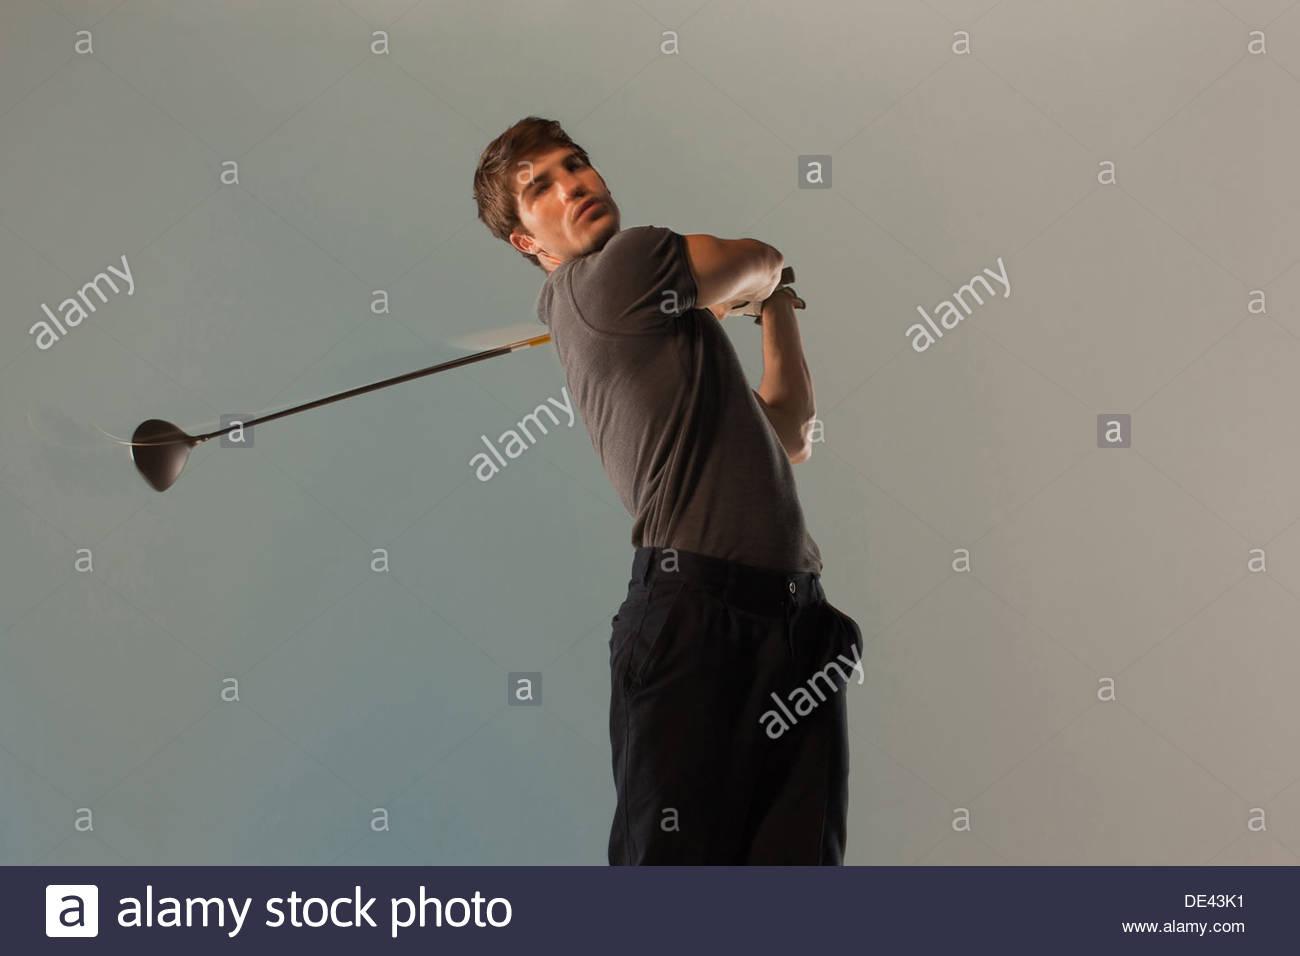 Vista borrosa de jugador de golf club oscilante Imagen De Stock